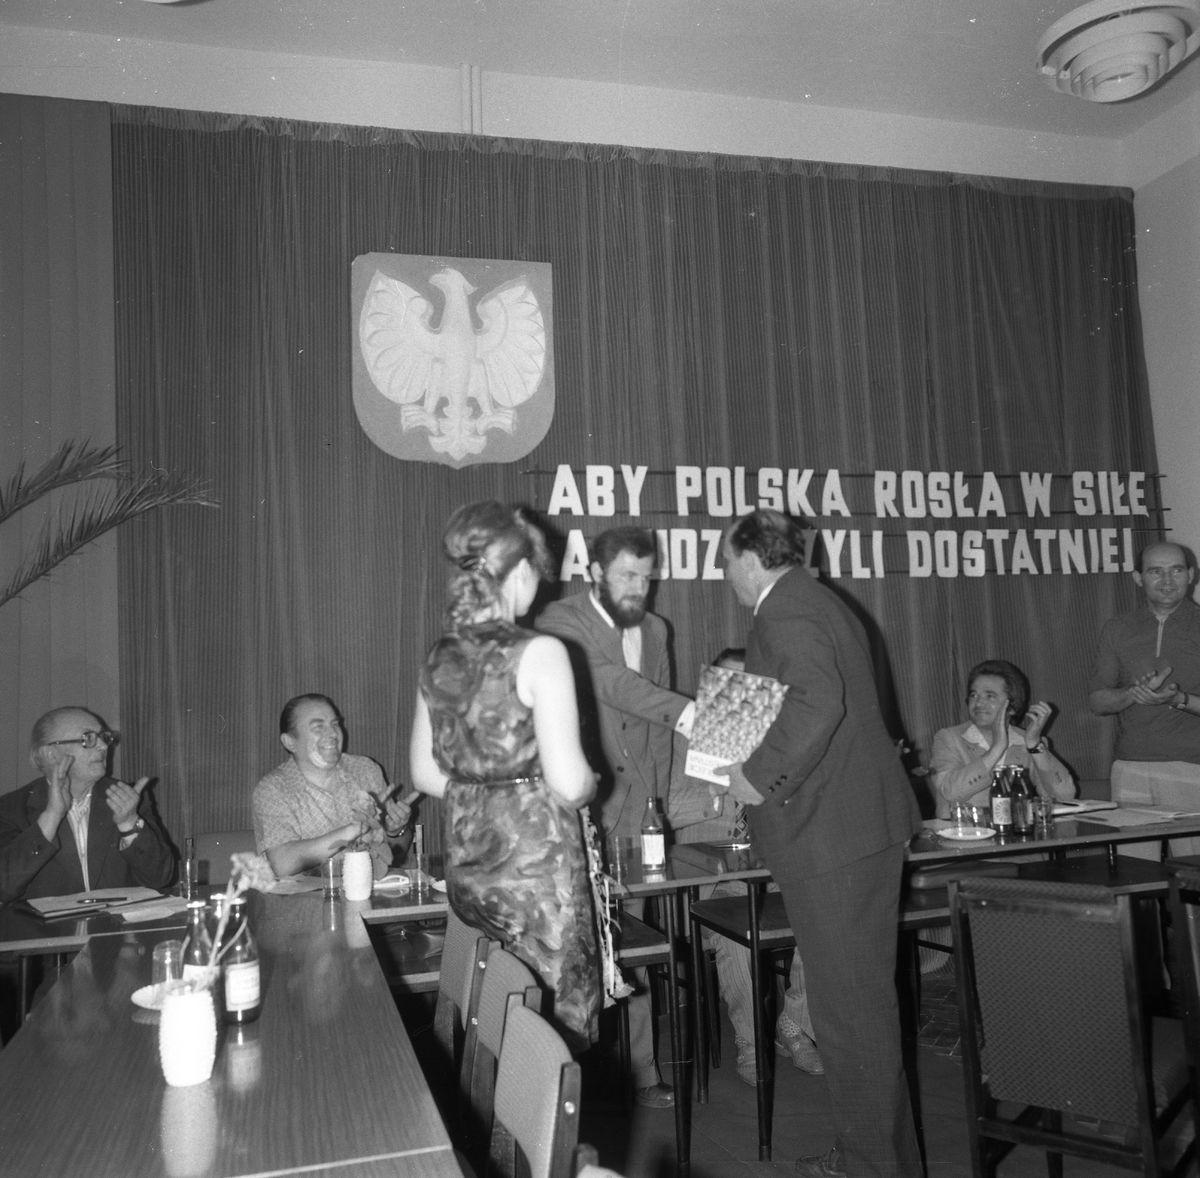 Uroczysta Sesja Miejskiej Rady Narodowej, 1975 r. [7]